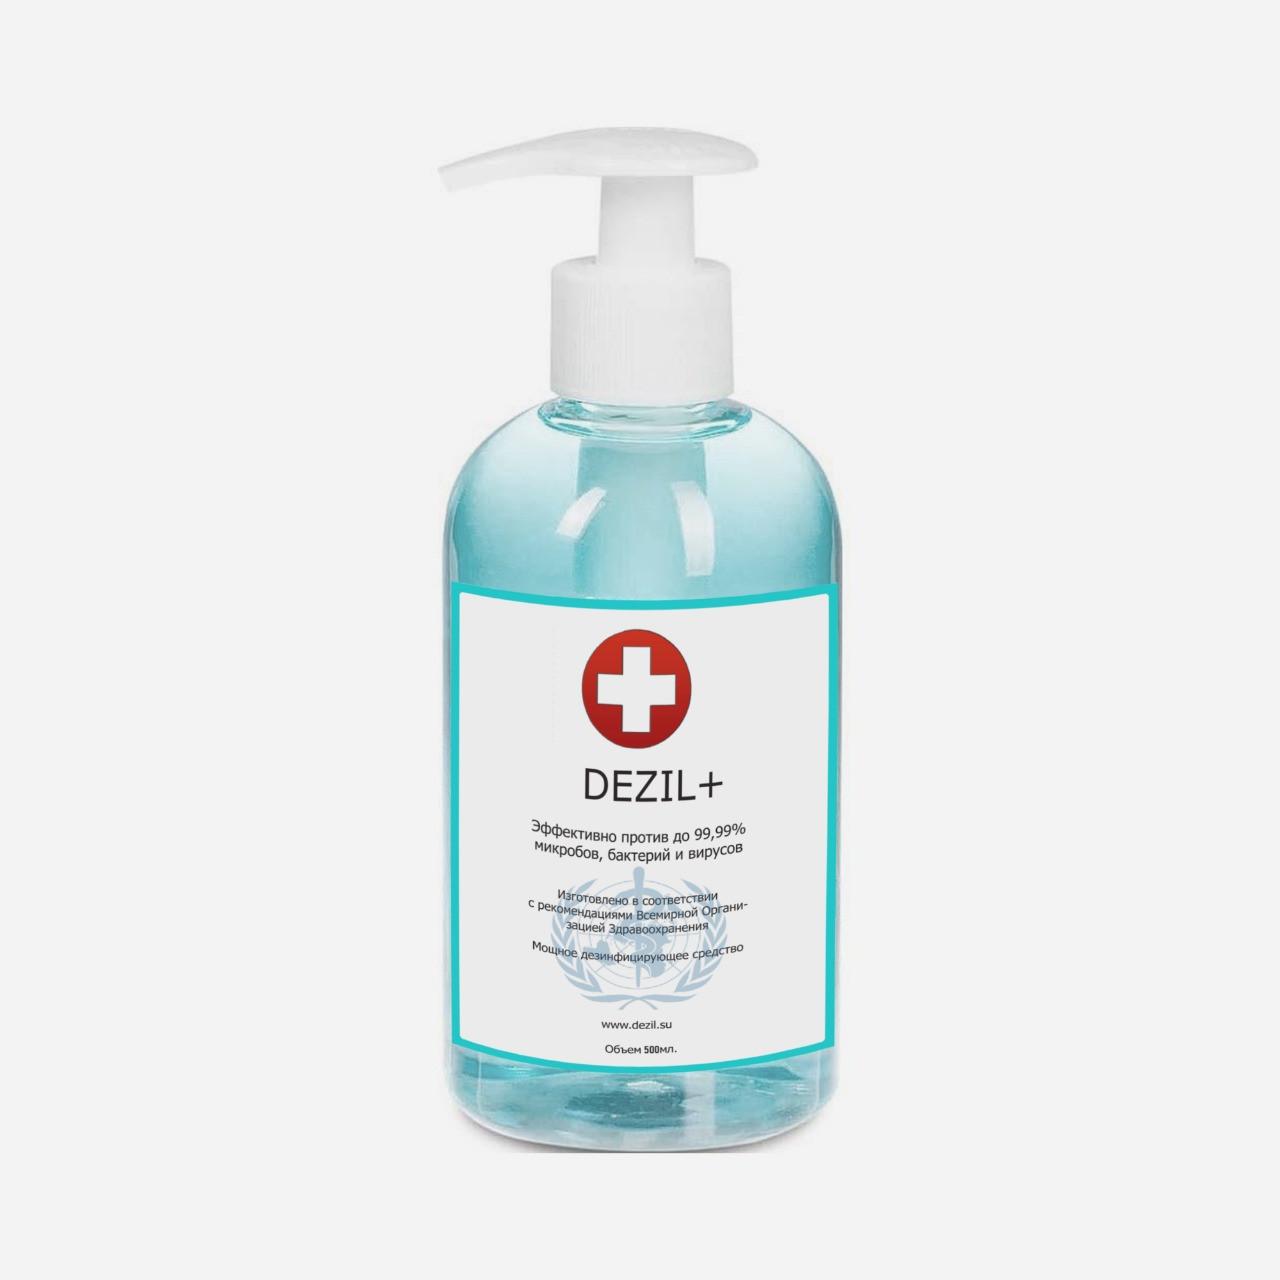 Средство дезинфицирующее Dezil + 0,5 литра для антисептической обработки рук и поверхностей